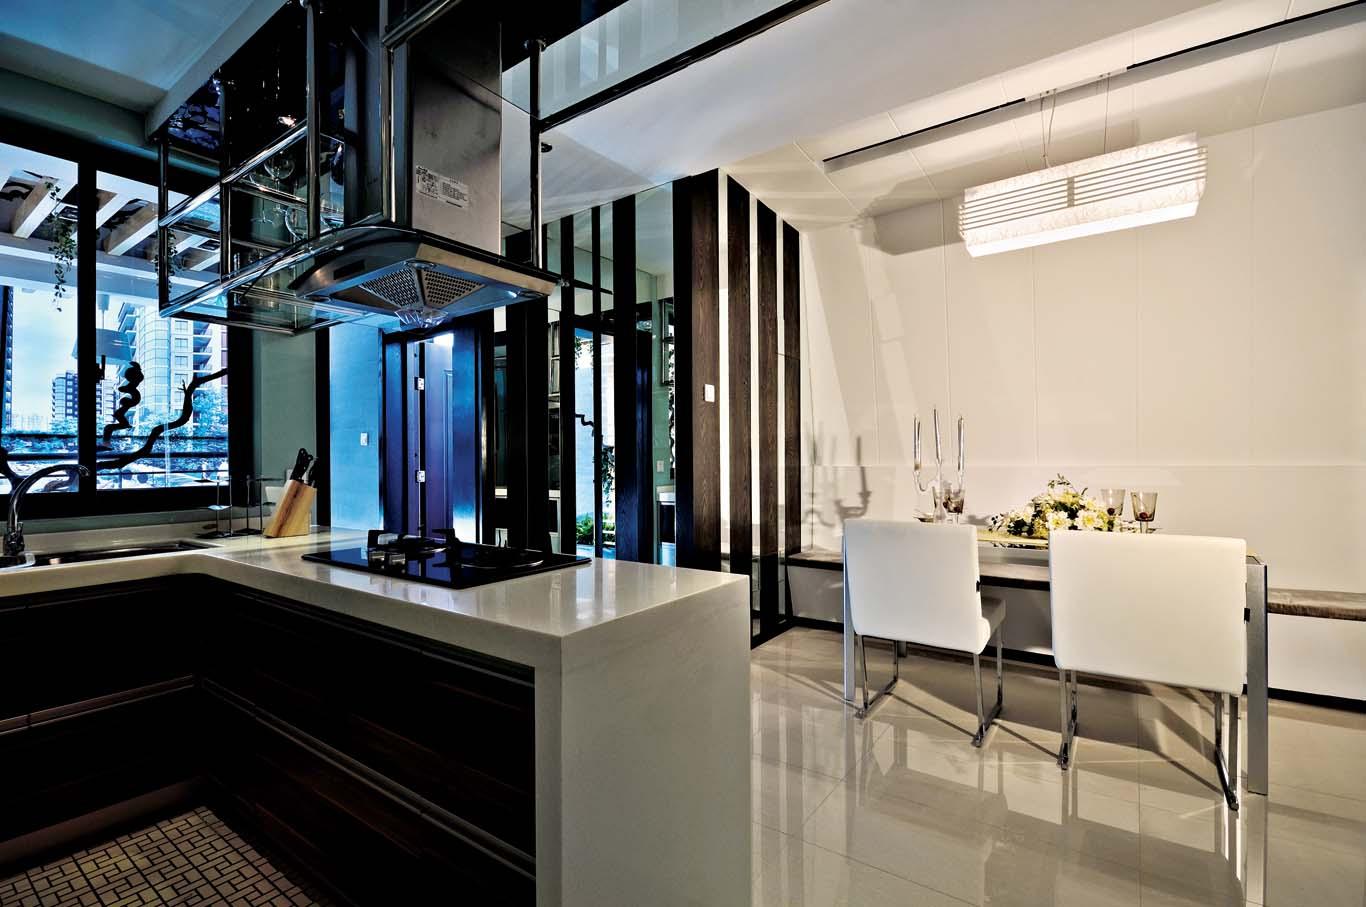 厨房图片来自成都龙发装饰公司在四海逸家 新古典设计案例的分享